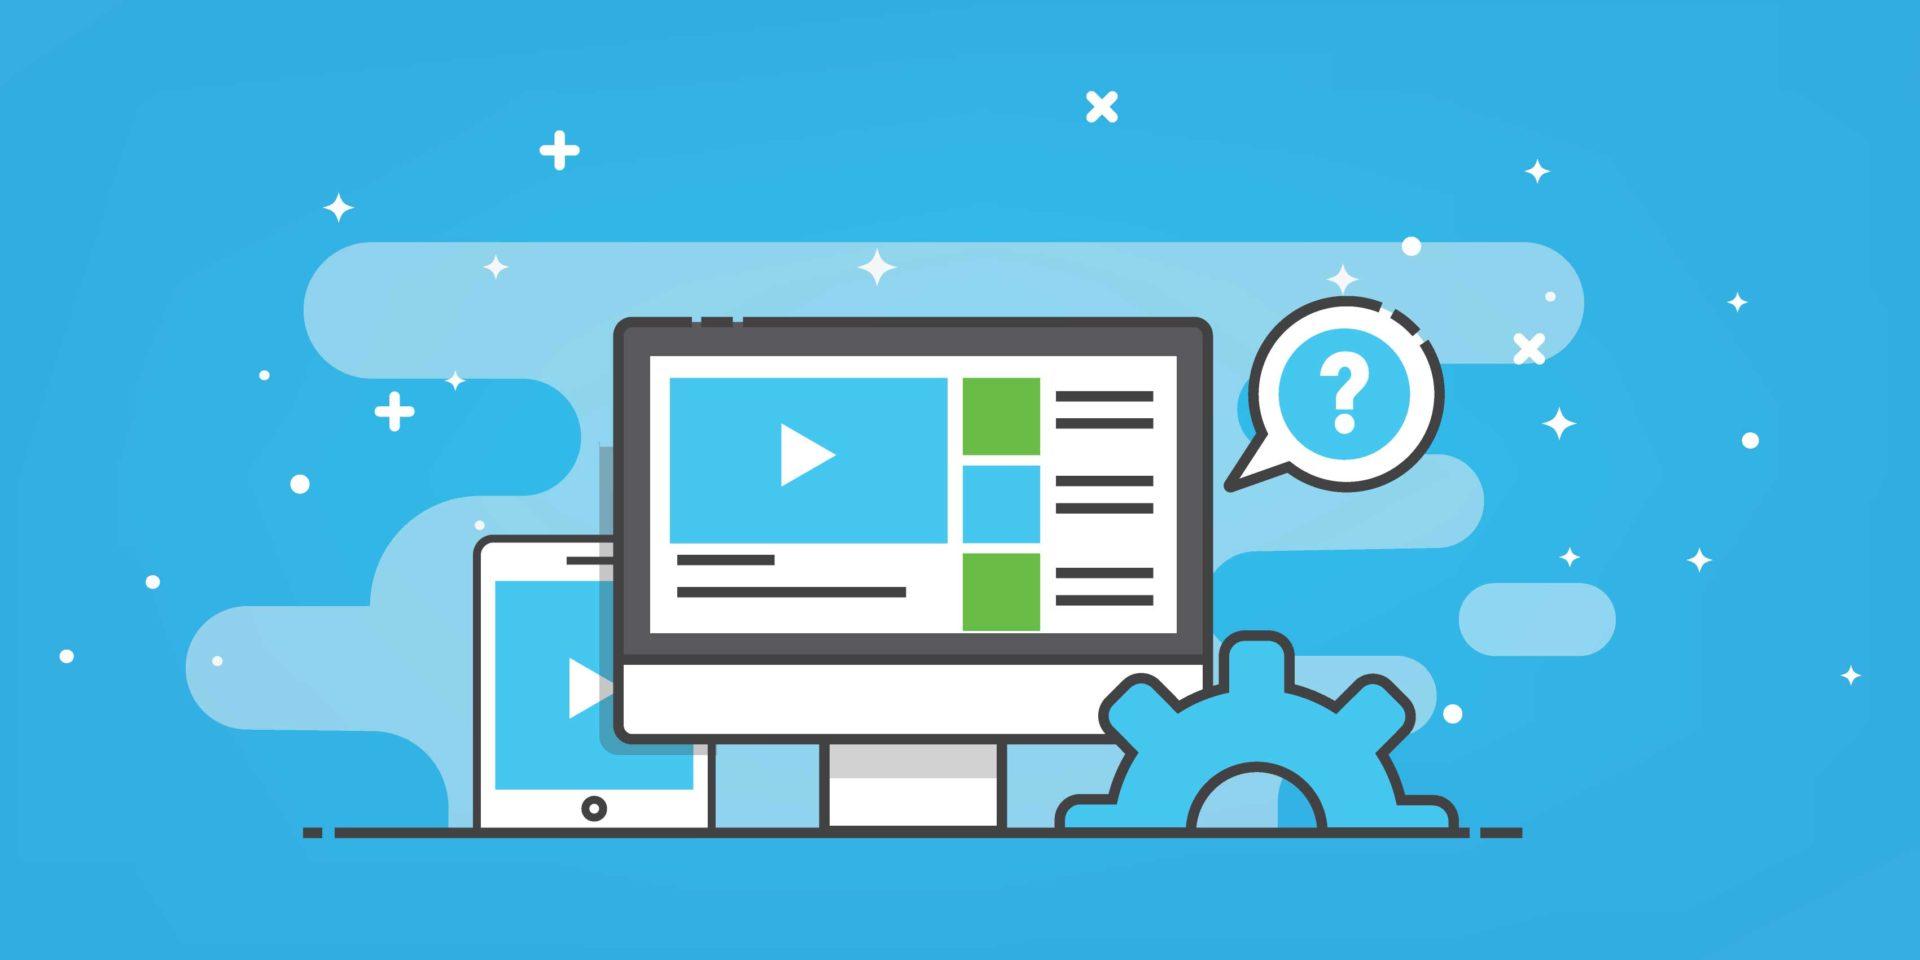 Produtora de Vídeo Institucional: o que é um vídeo institucional Animado? Entenda para que serve este modelo de vídeo!